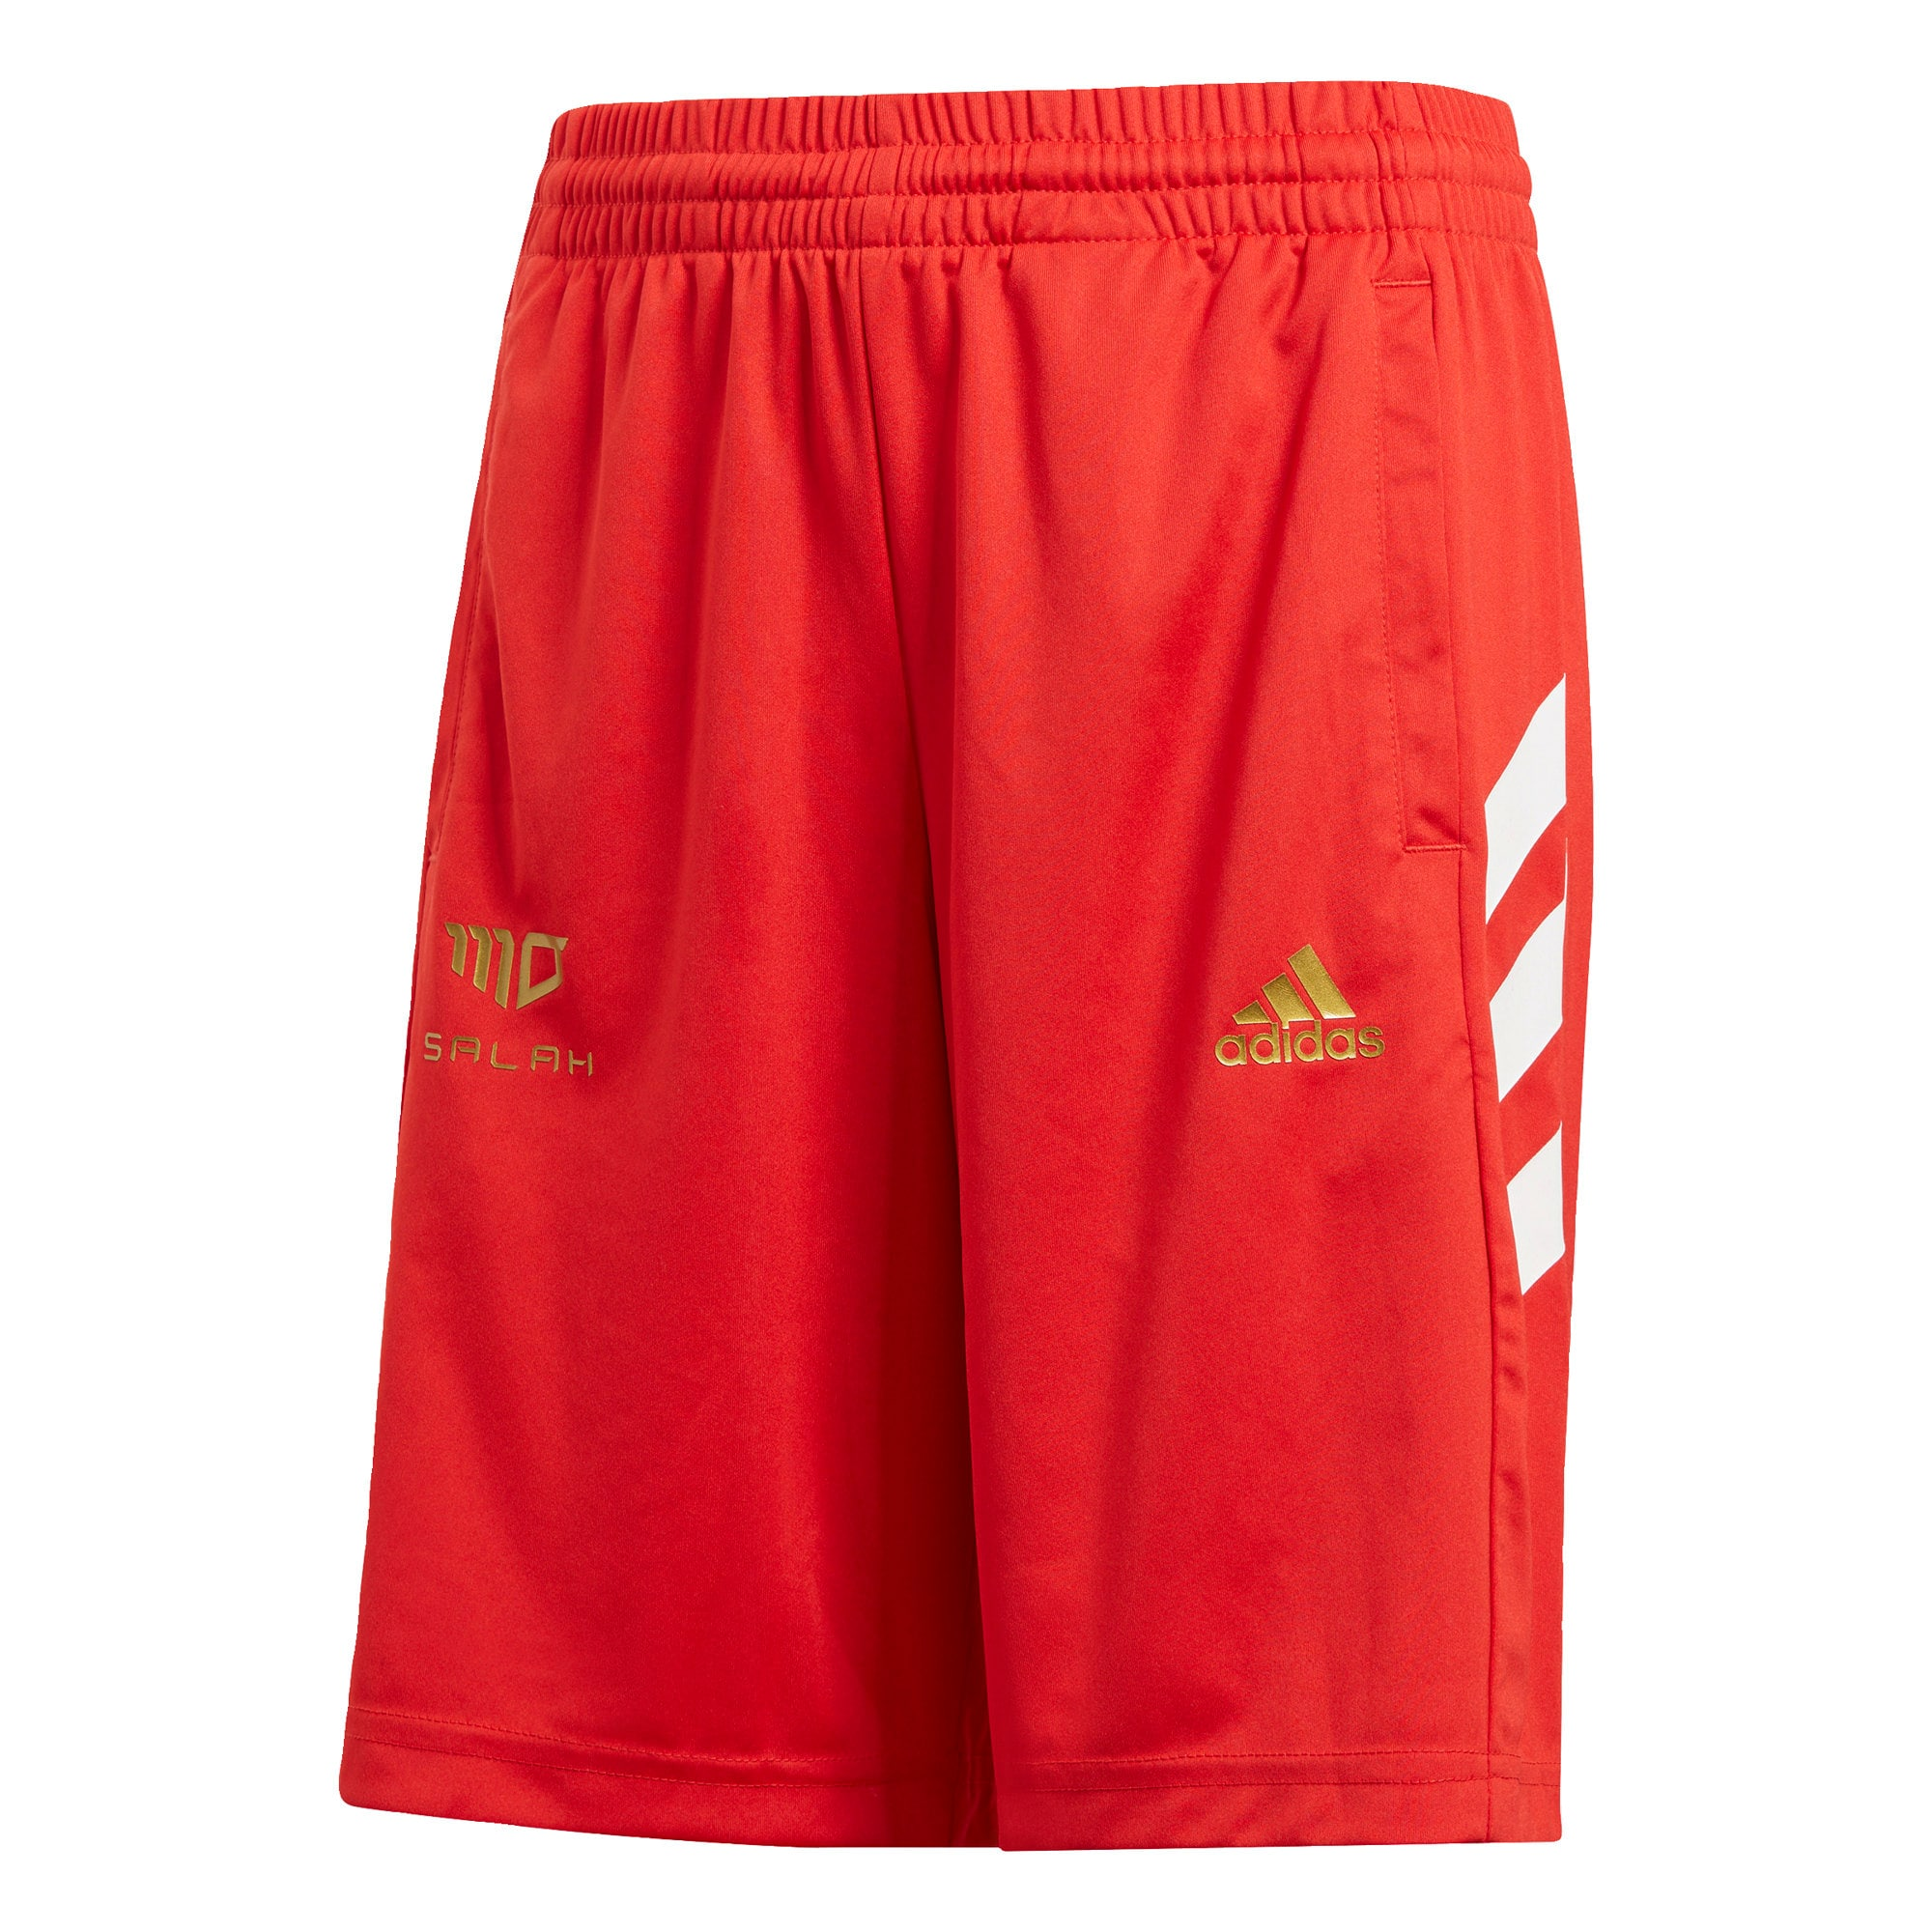 ADIDAS PERFORMANCE Sportinės kelnės 'Sala' šviesiai raudona / auksas / balta